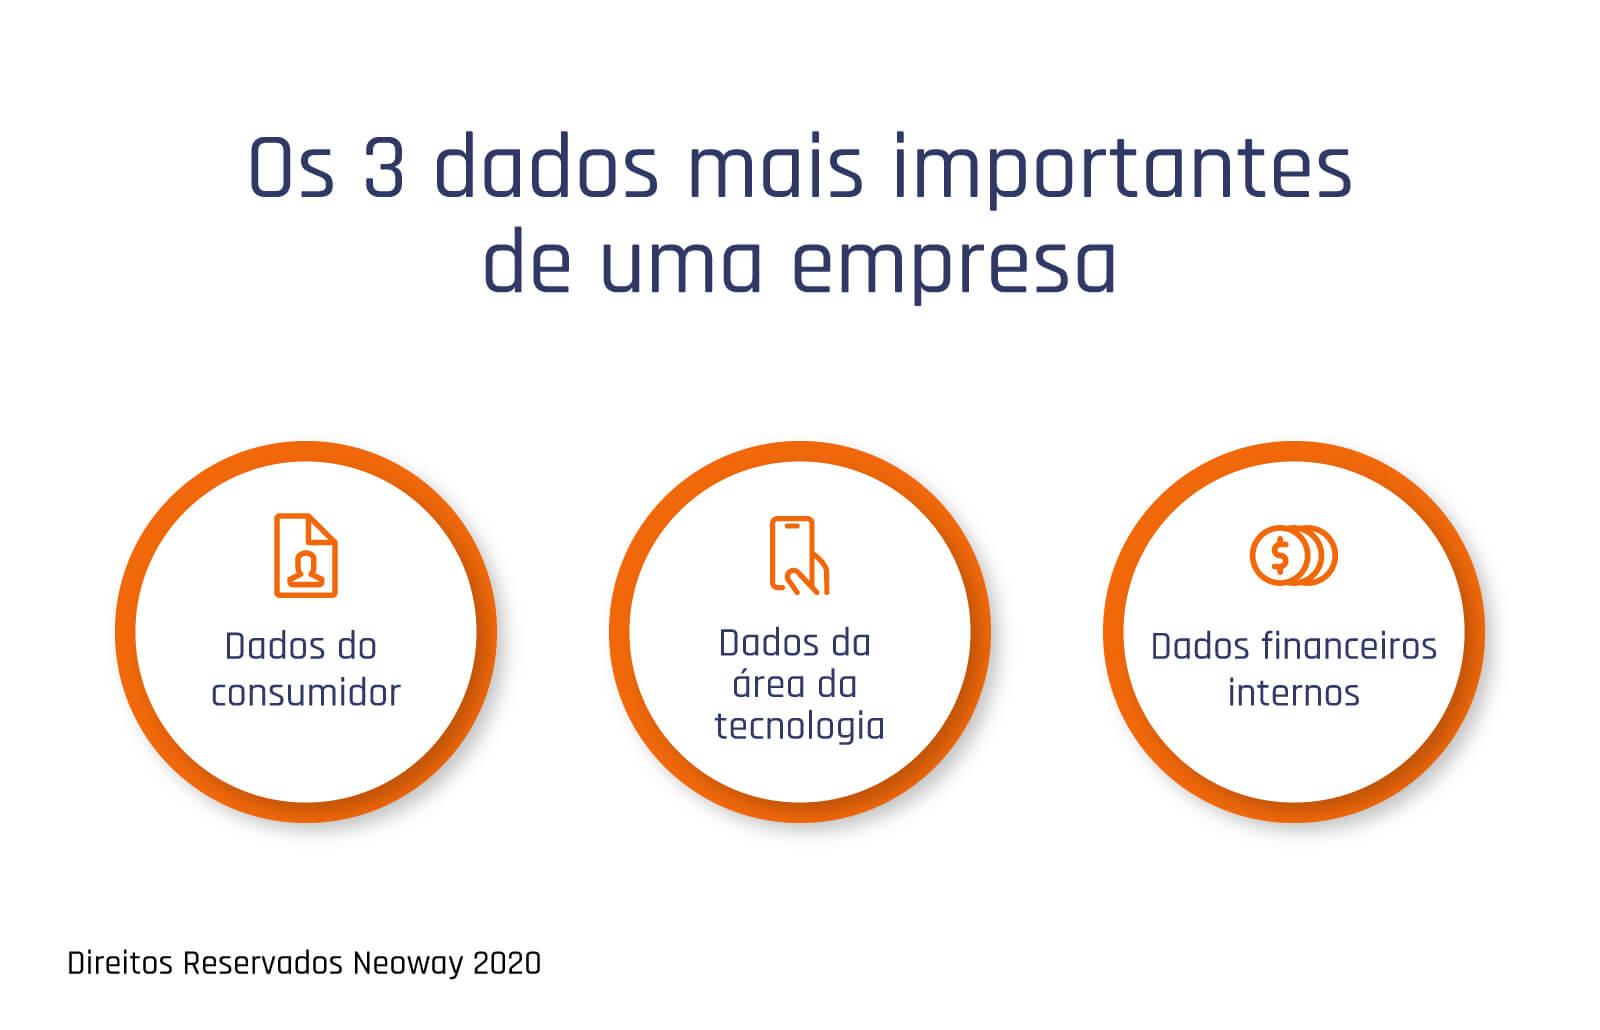 os 3 dados mais importantes de uma empresa